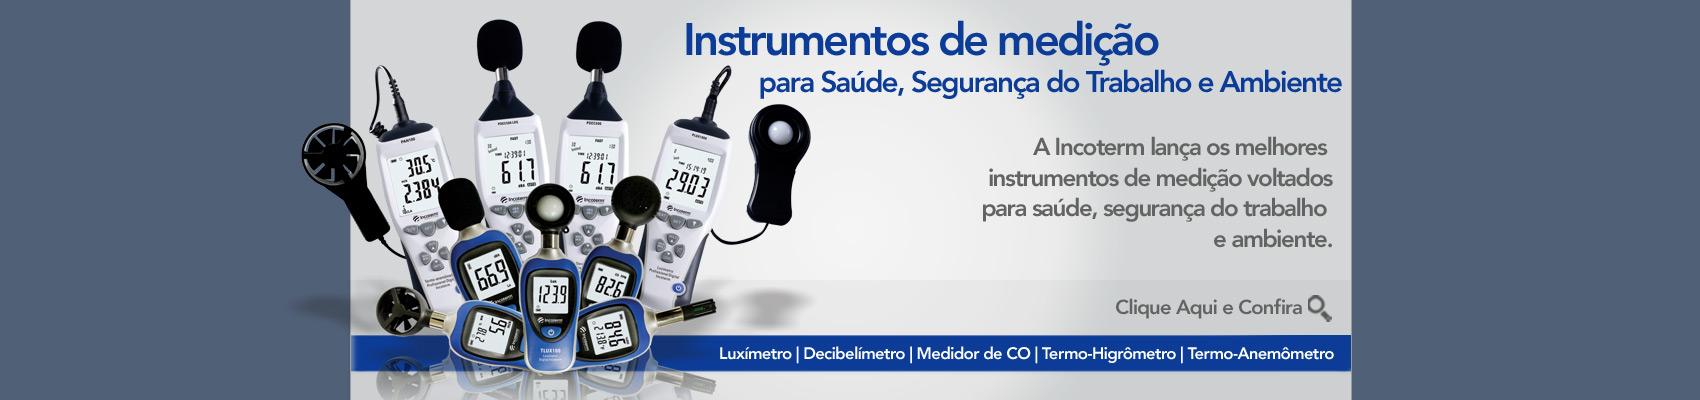 instrumentos de medicao